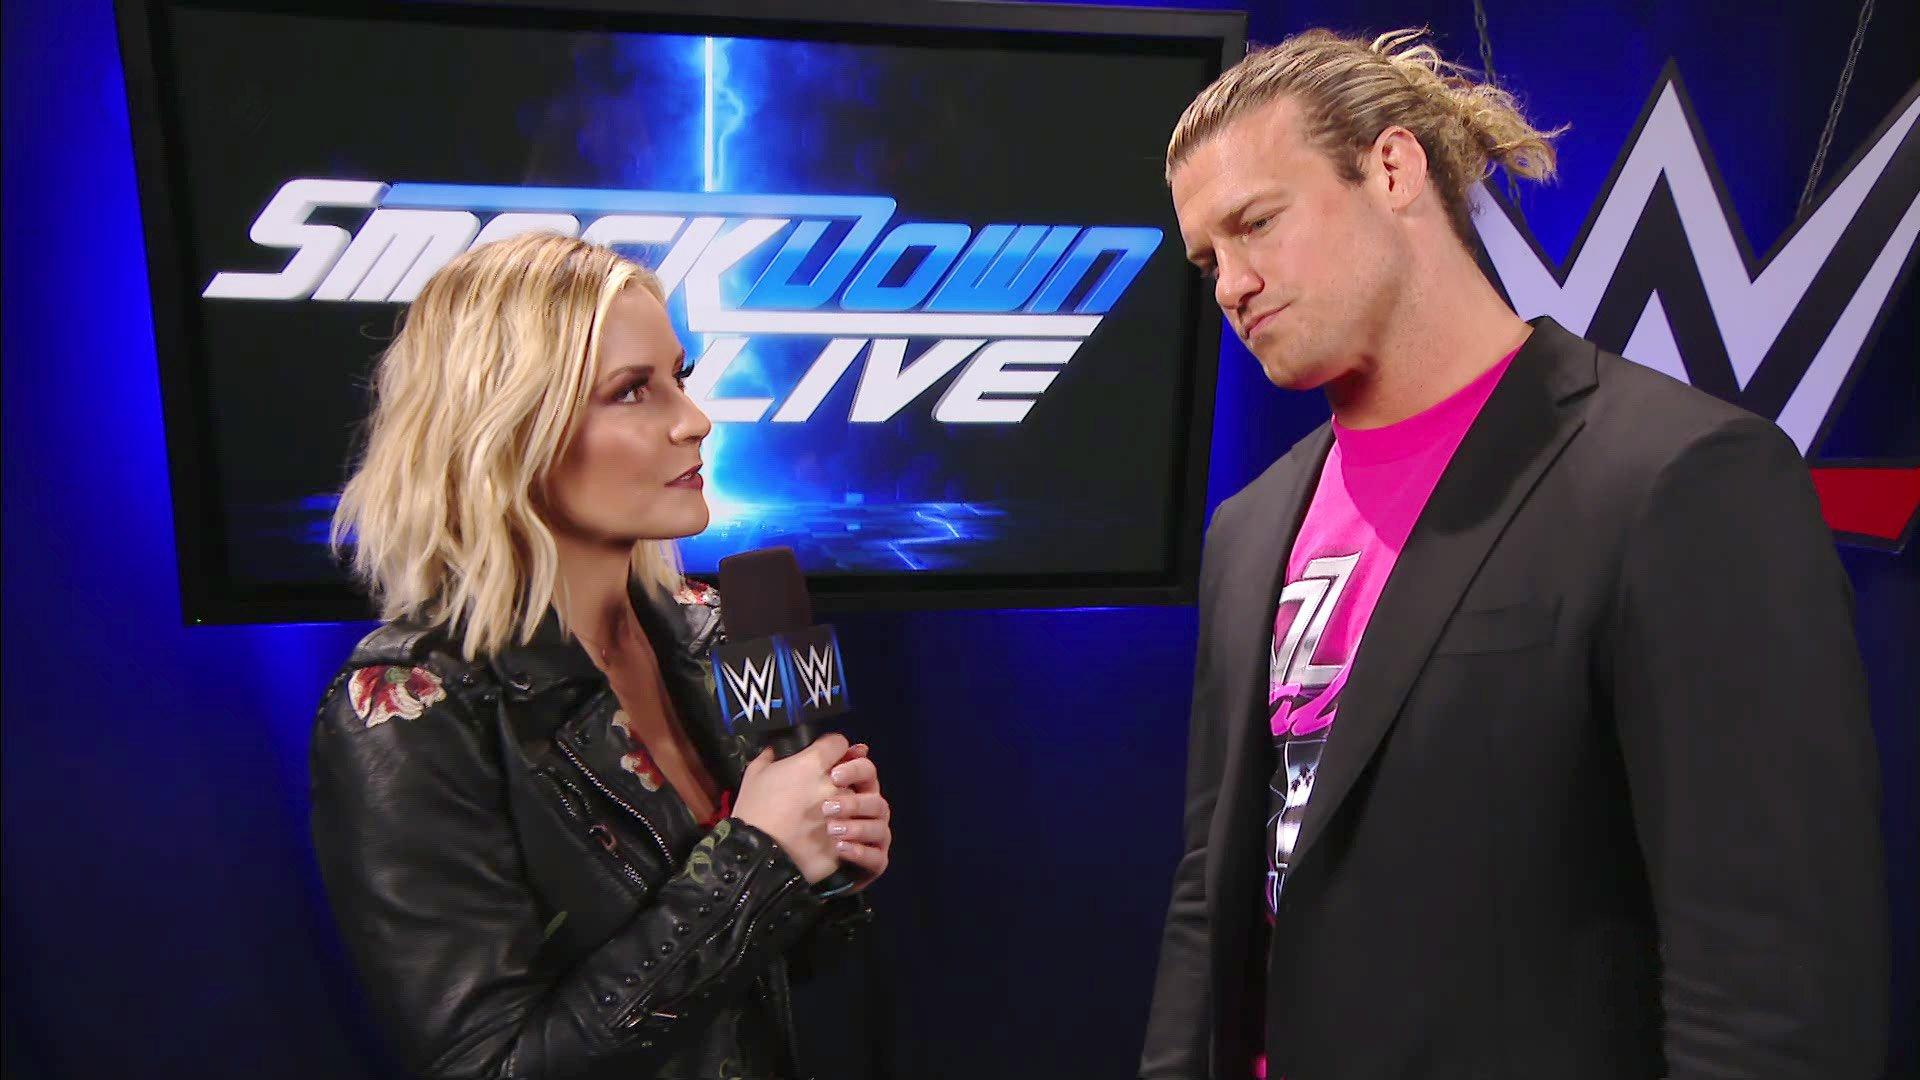 Dolph Ziggler przesyła ostrzeżenie: SmackDown LIVE 14.02.17